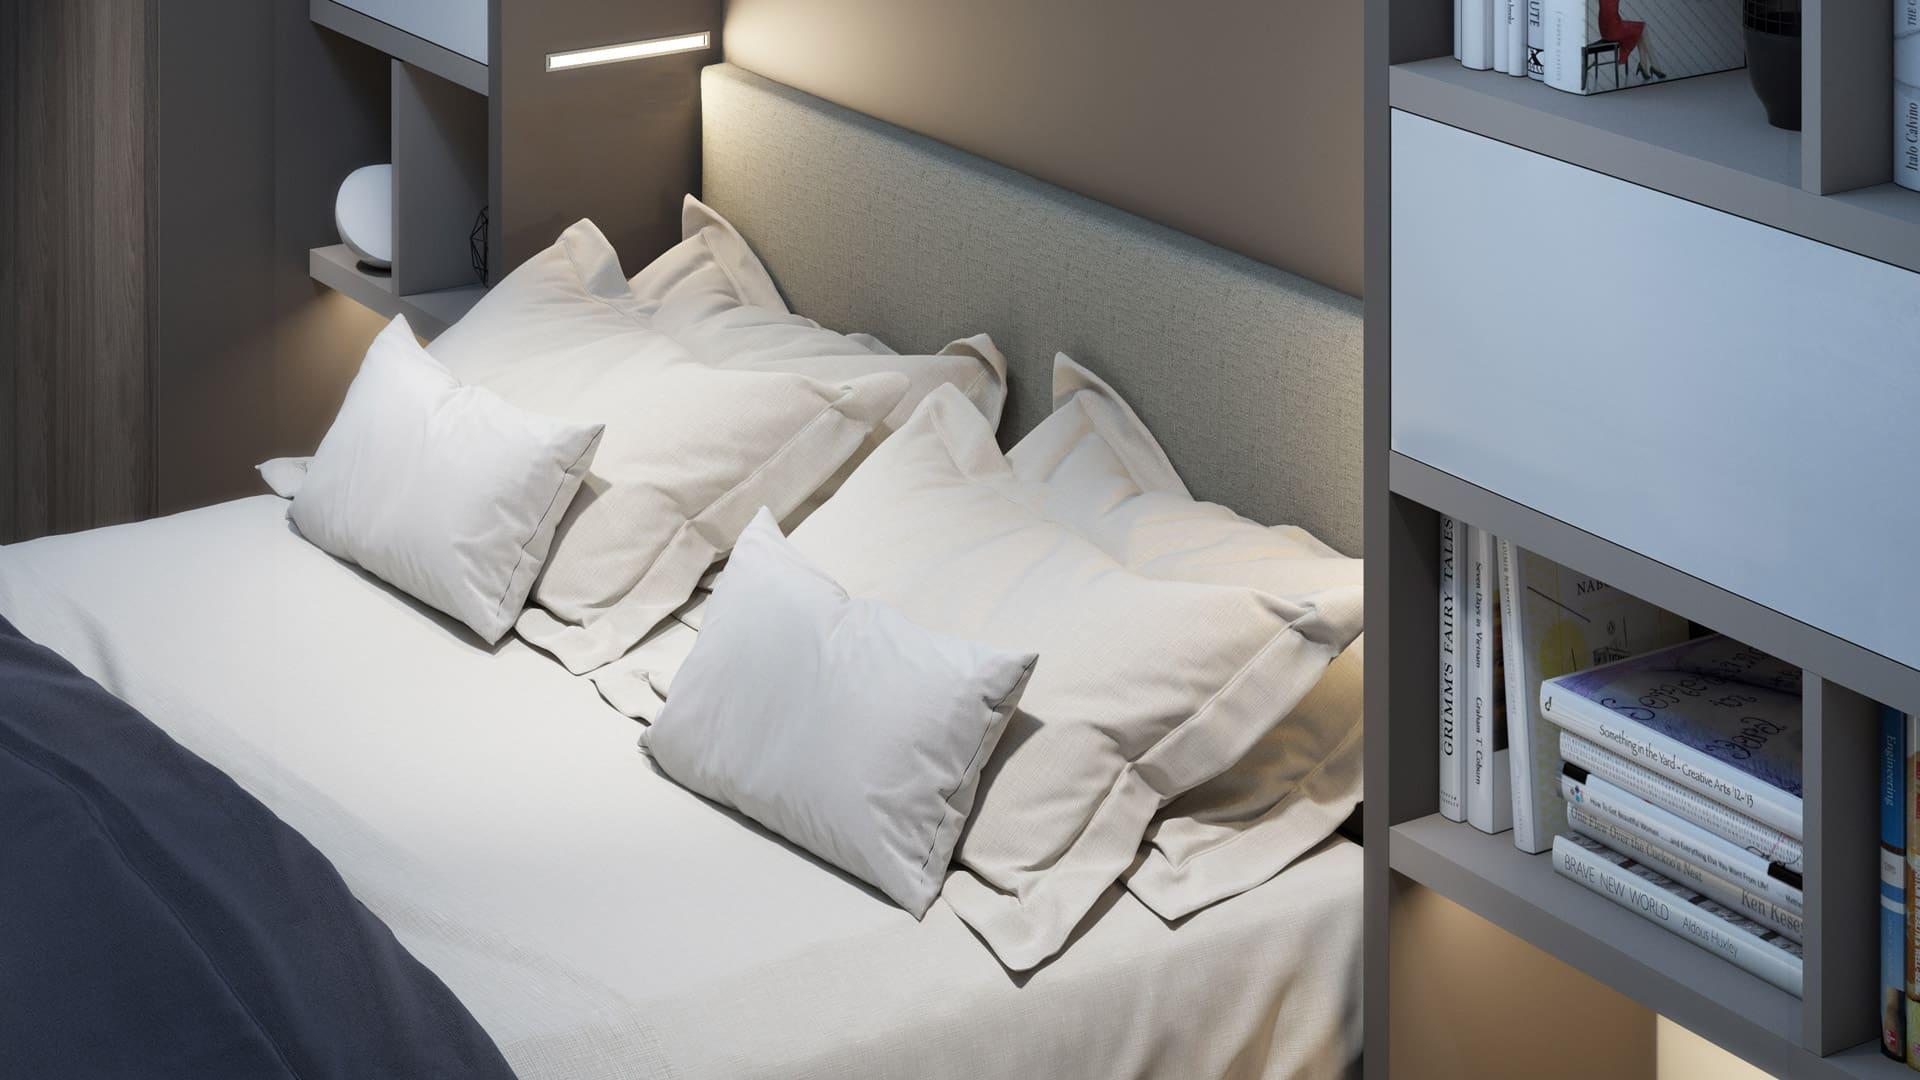 Tv Escamotable Lit l'armoire lit escamotable par le spécialiste du gain de place